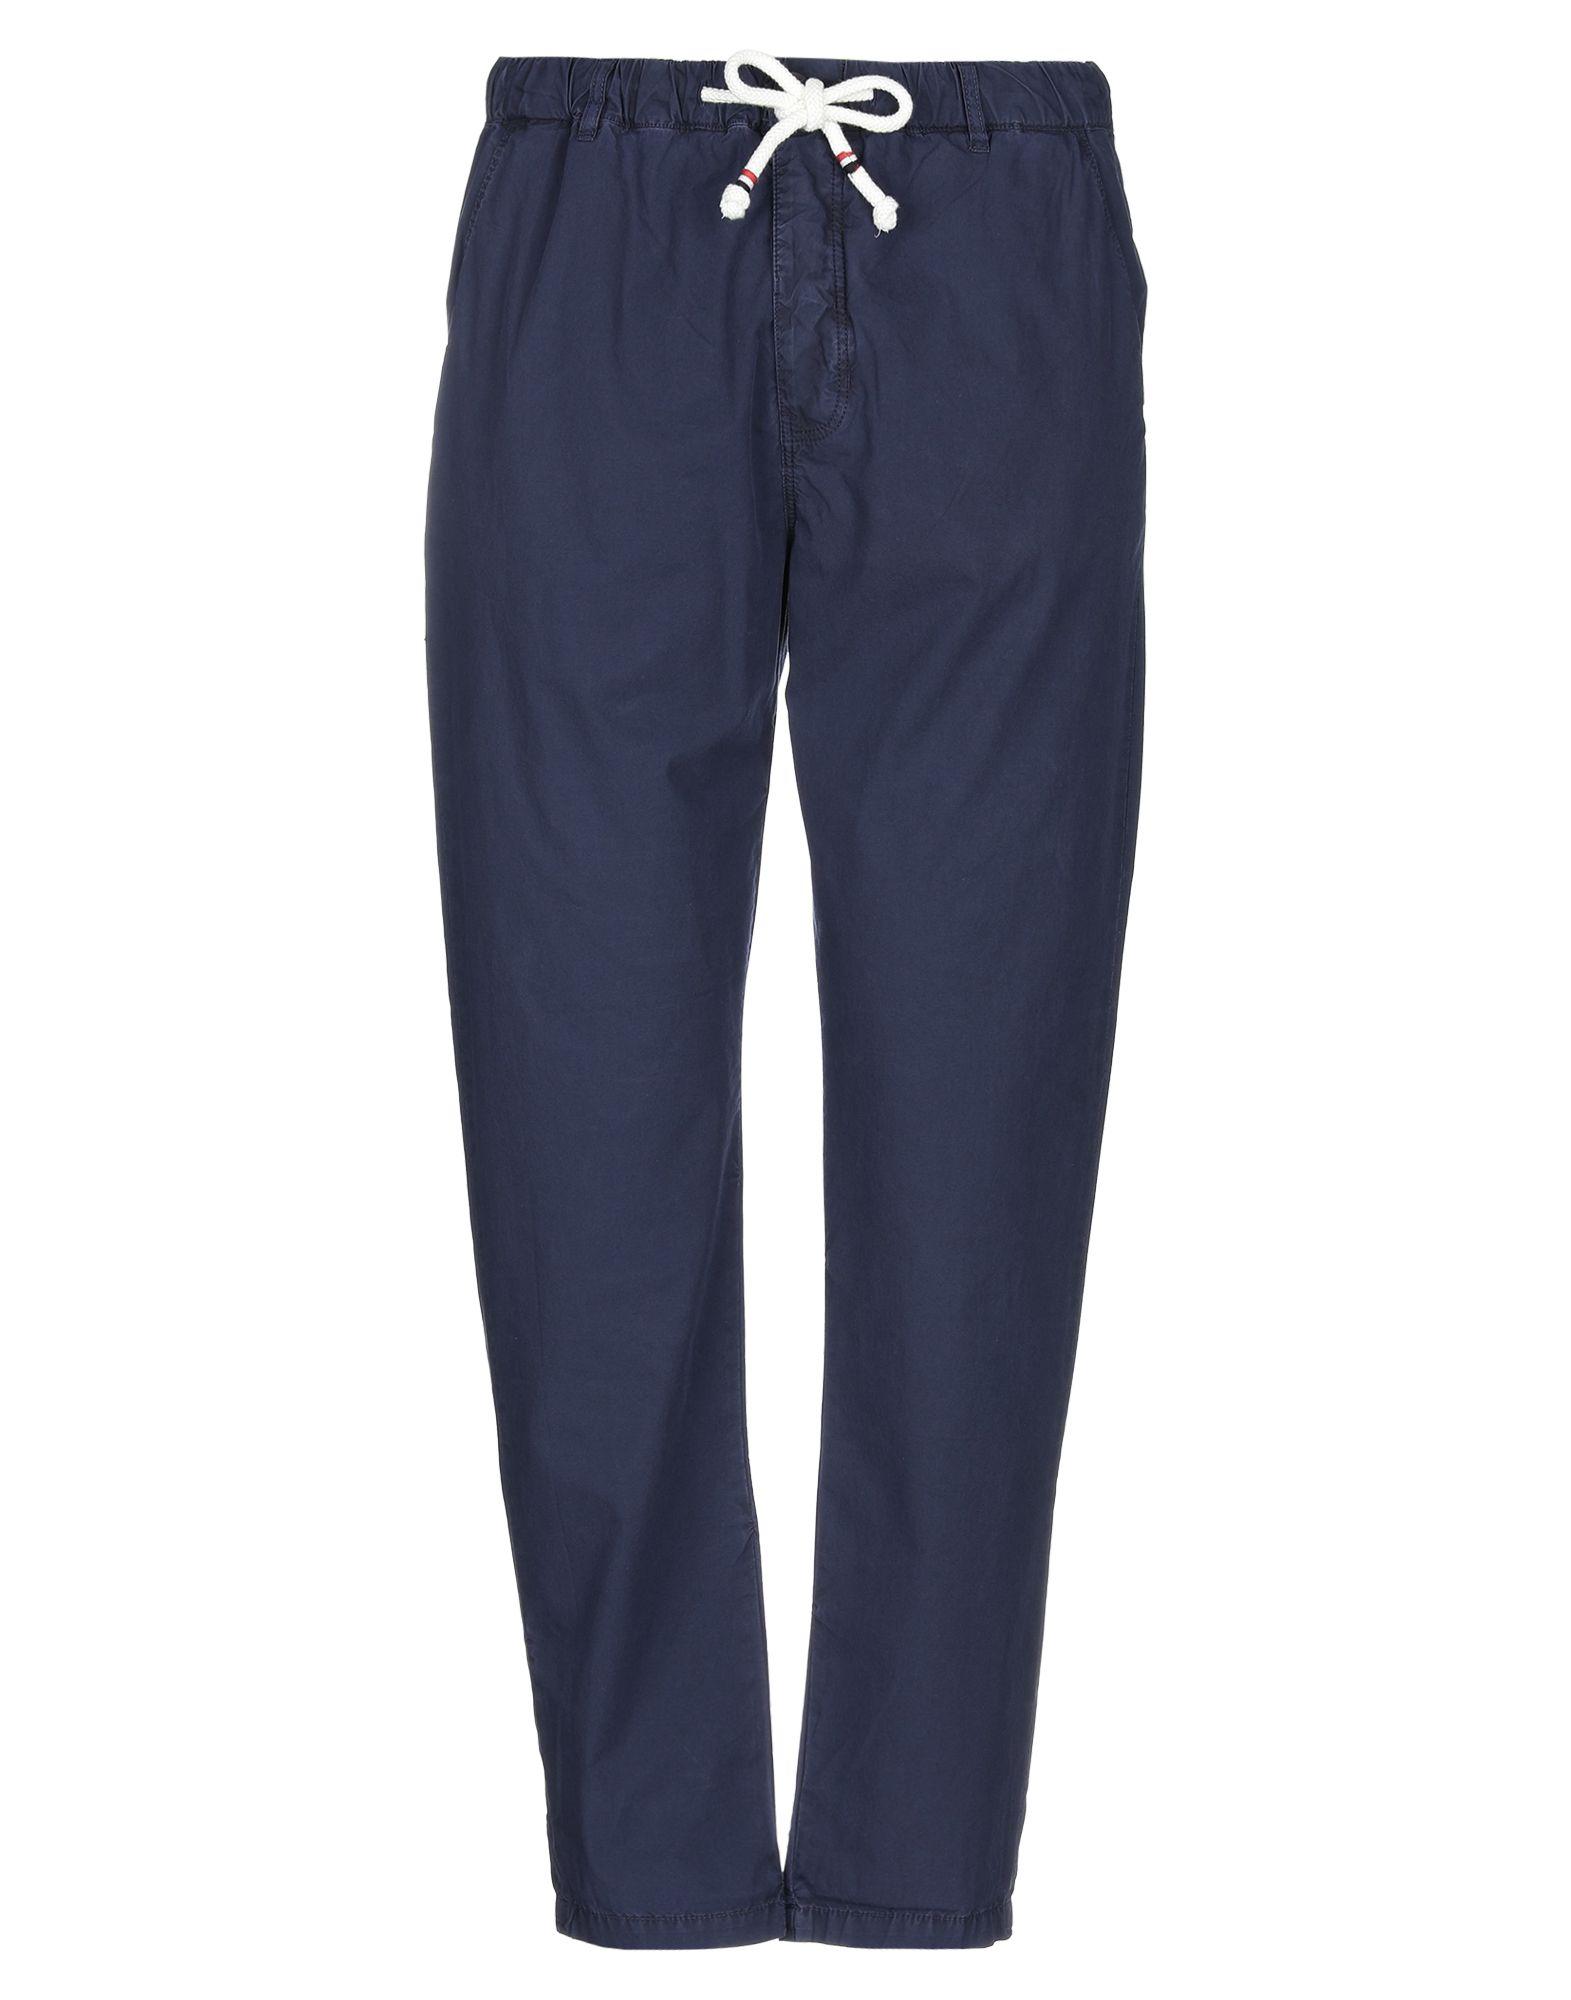 《セール開催中》BEAR メンズ パンツ ダークブルー 50 コットン 100%